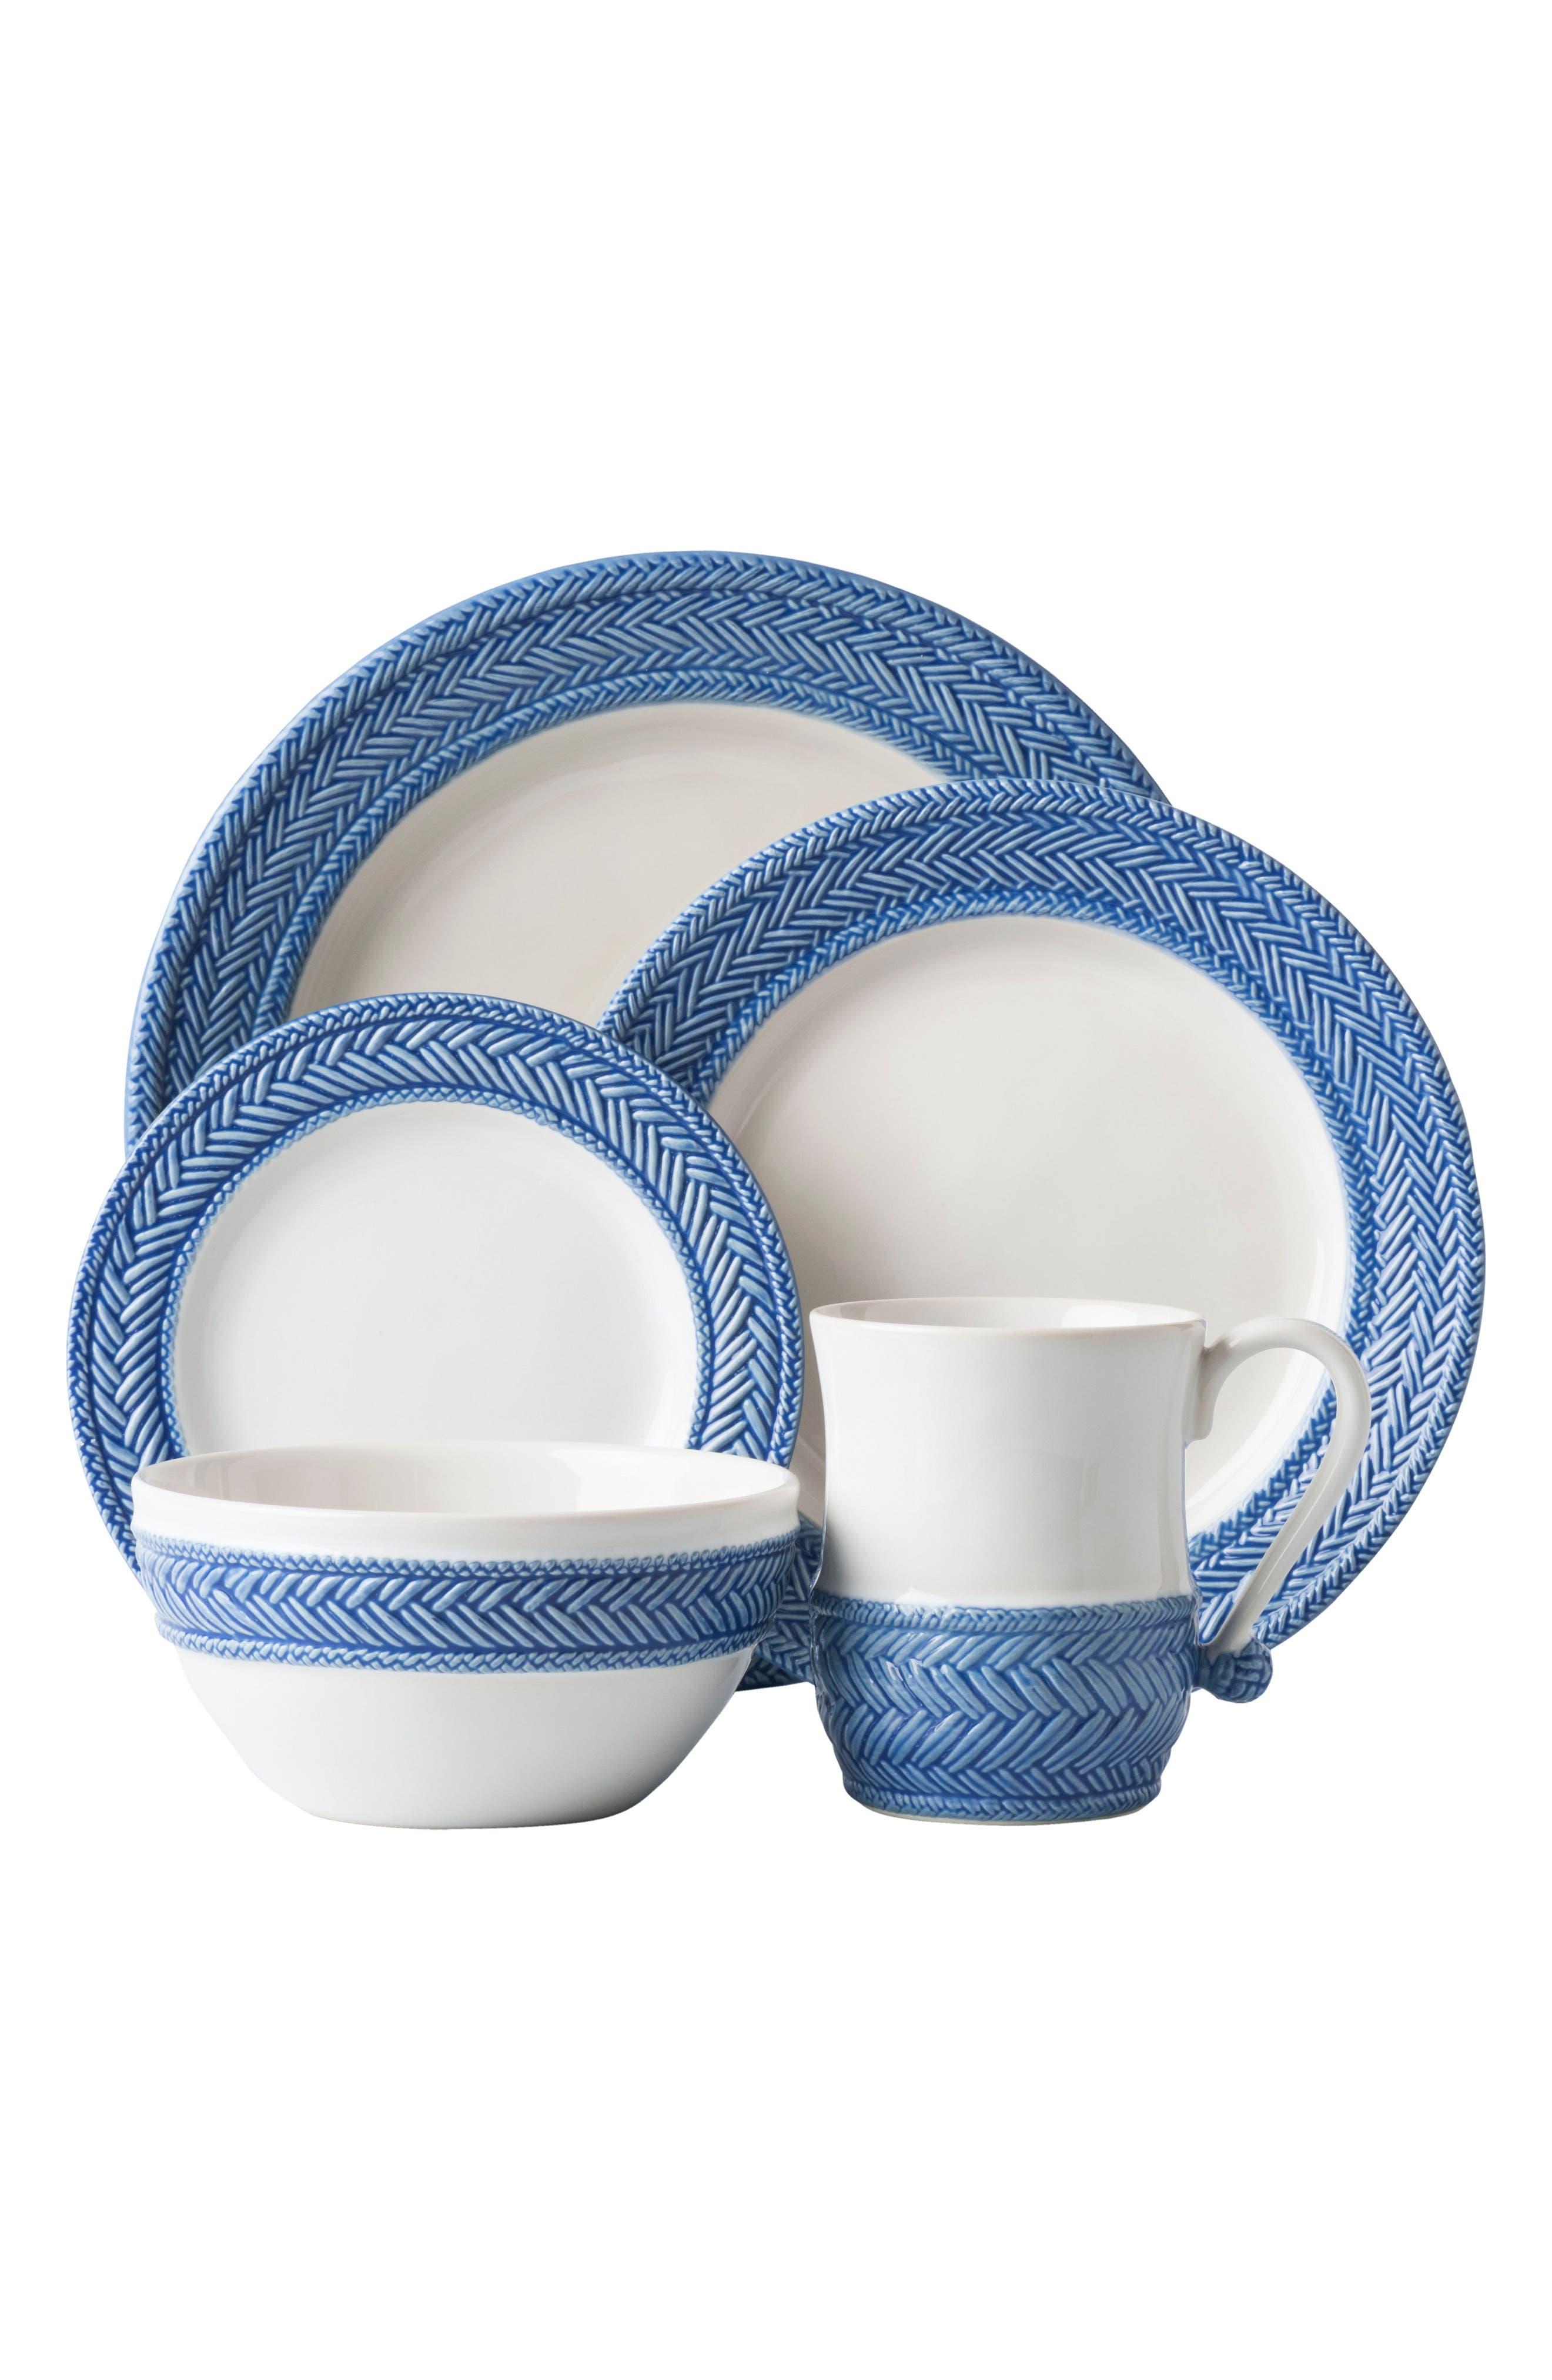 Le Panier 5-Piece Ceramic Place Setting,                         Main,                         color, WHITEWASH/ DELFT BLUE